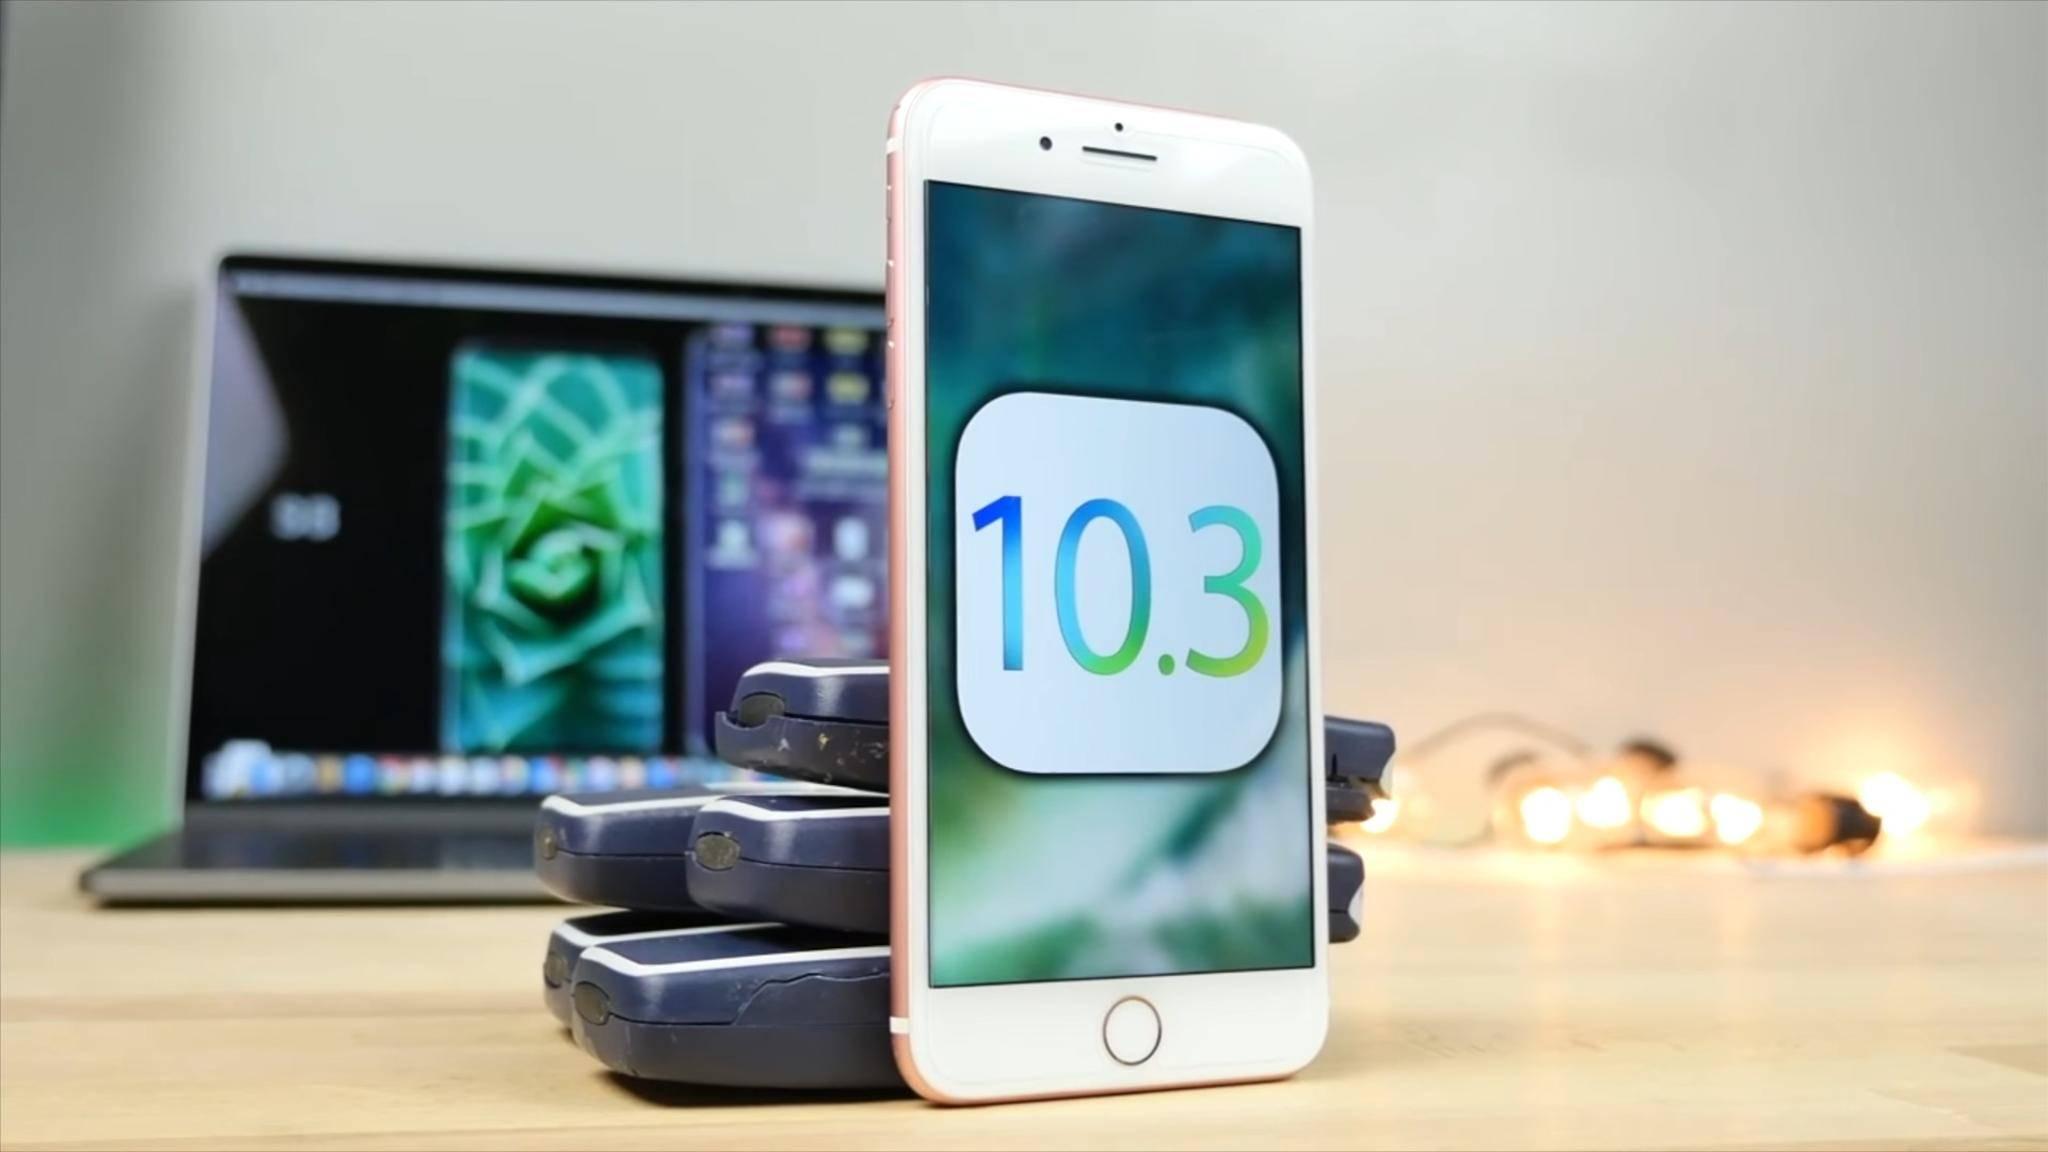 Apple signiert sowohl iOS 10.3 als auch iOS 10.2.1 nicht mehr – und macht somit ein Downgrade unmöglich.